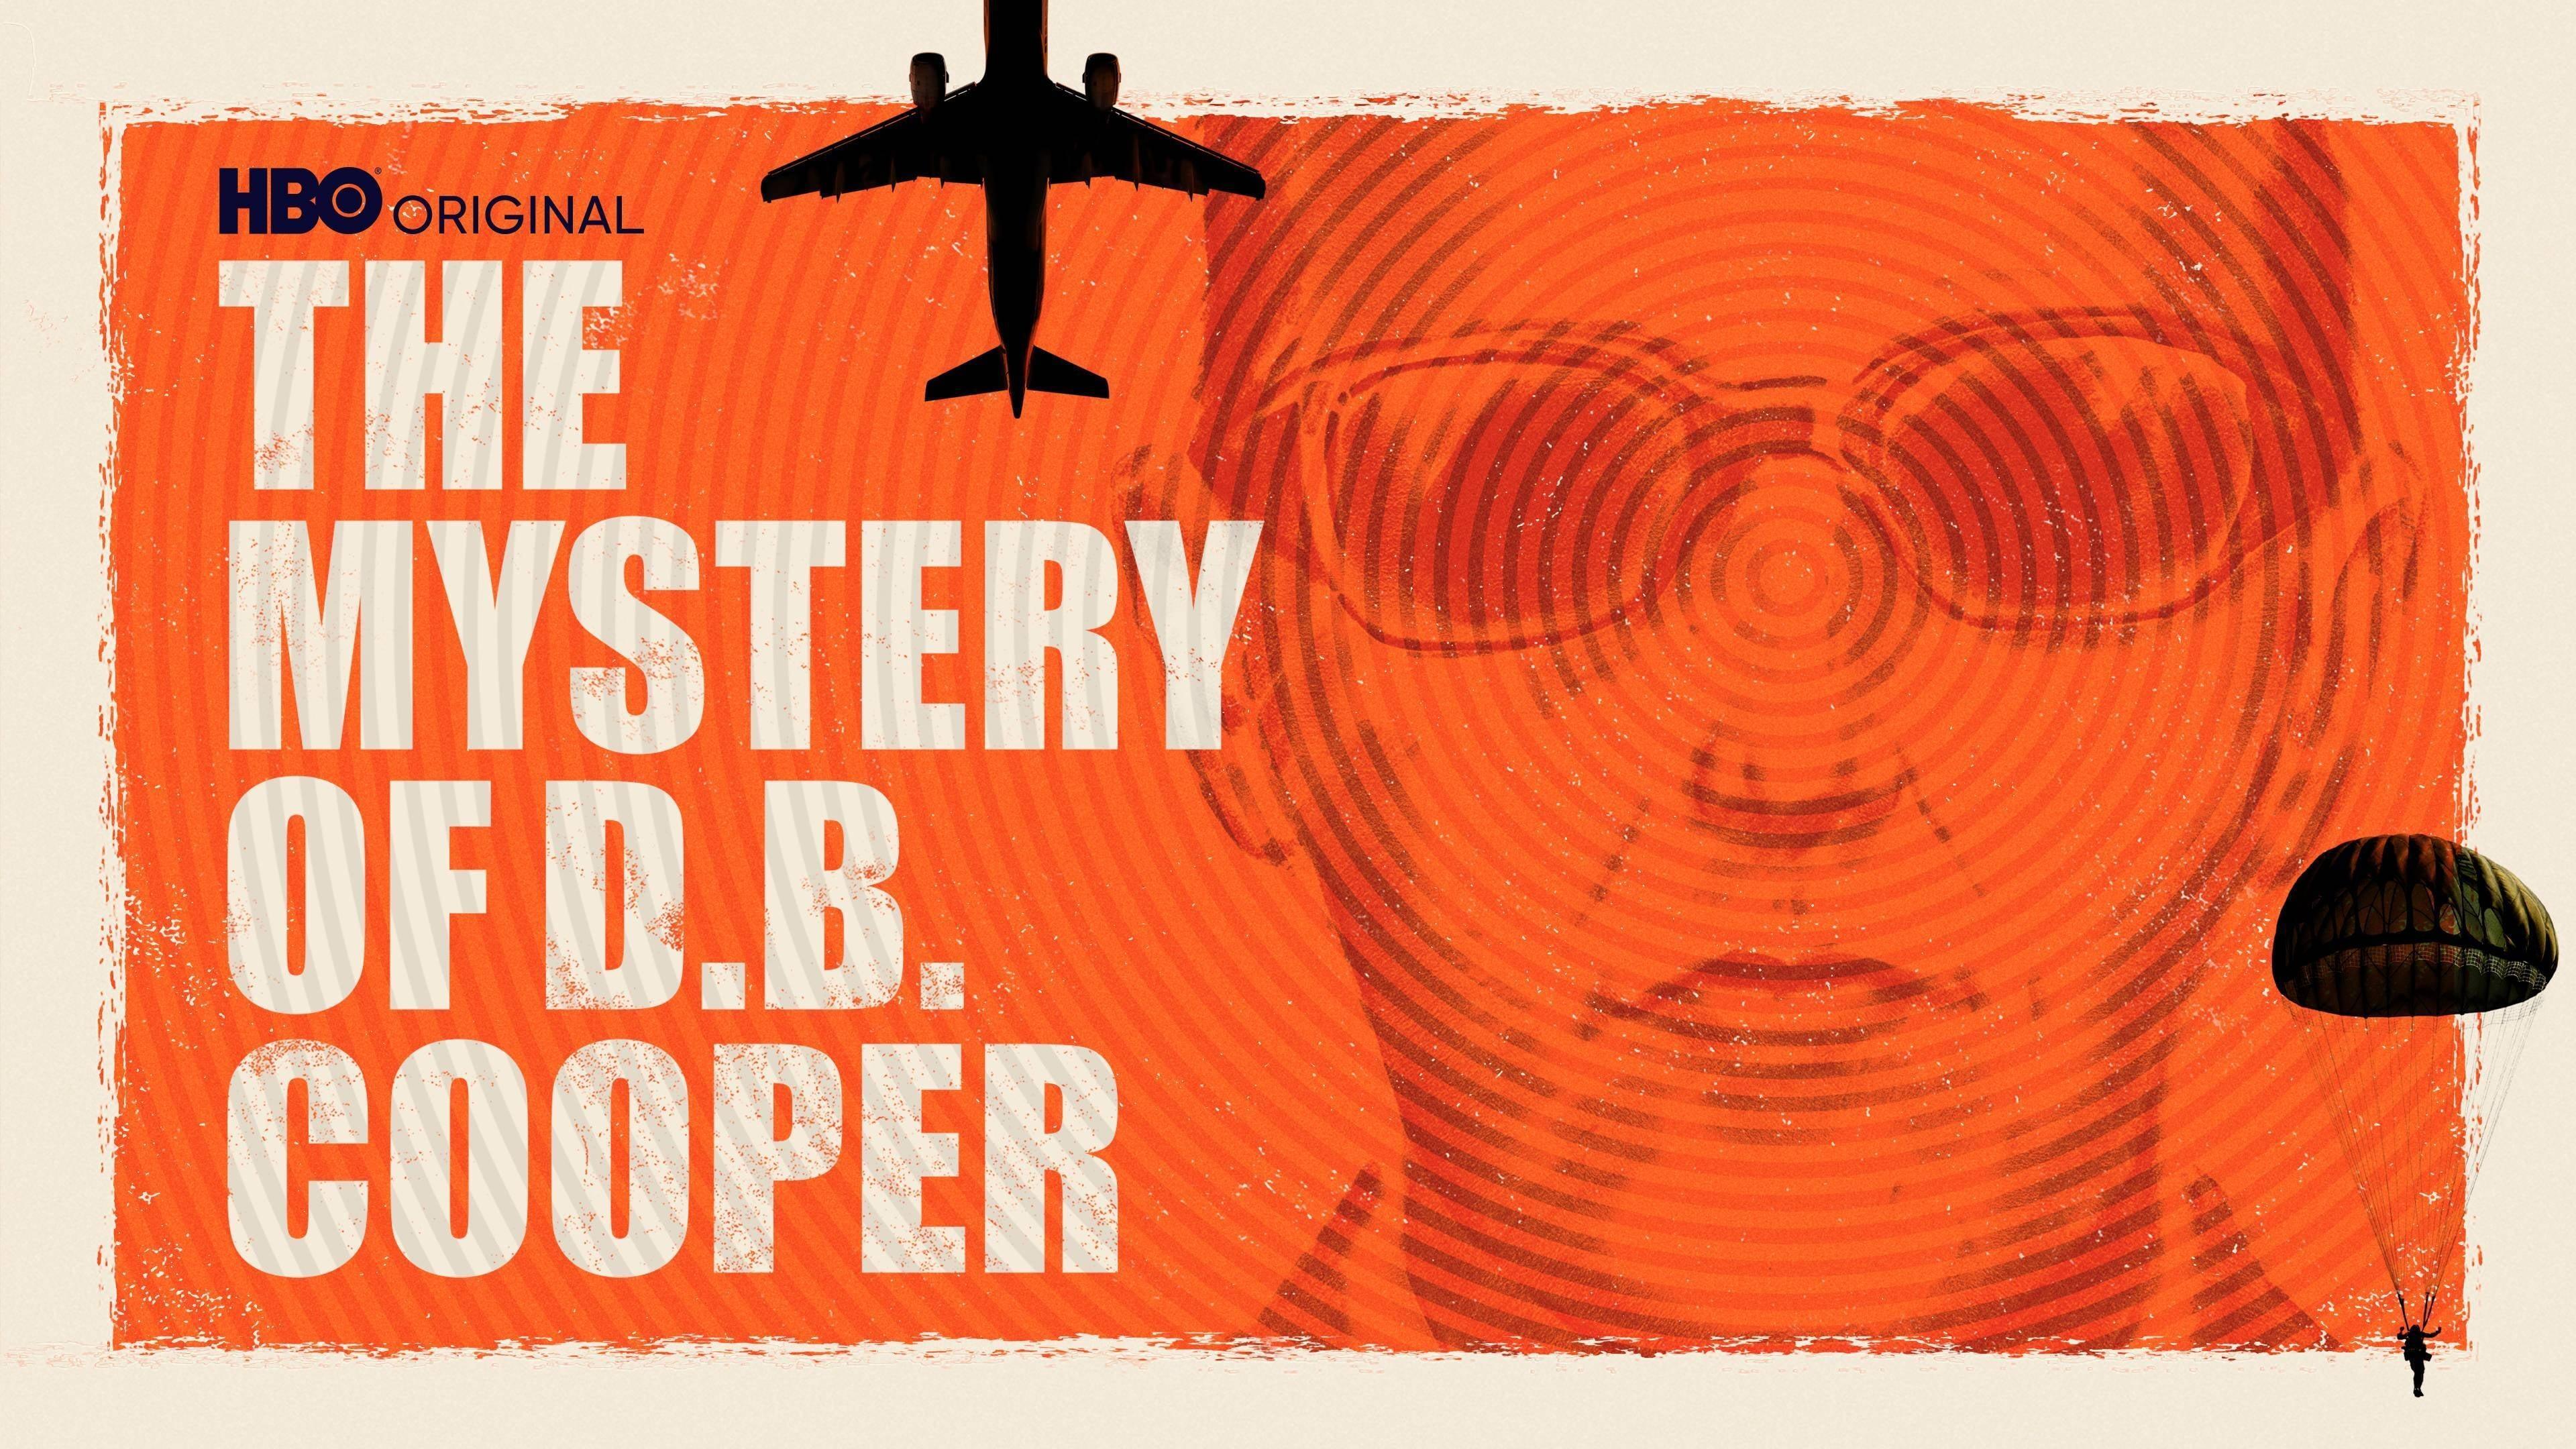 El misterio de D.B. Cooper